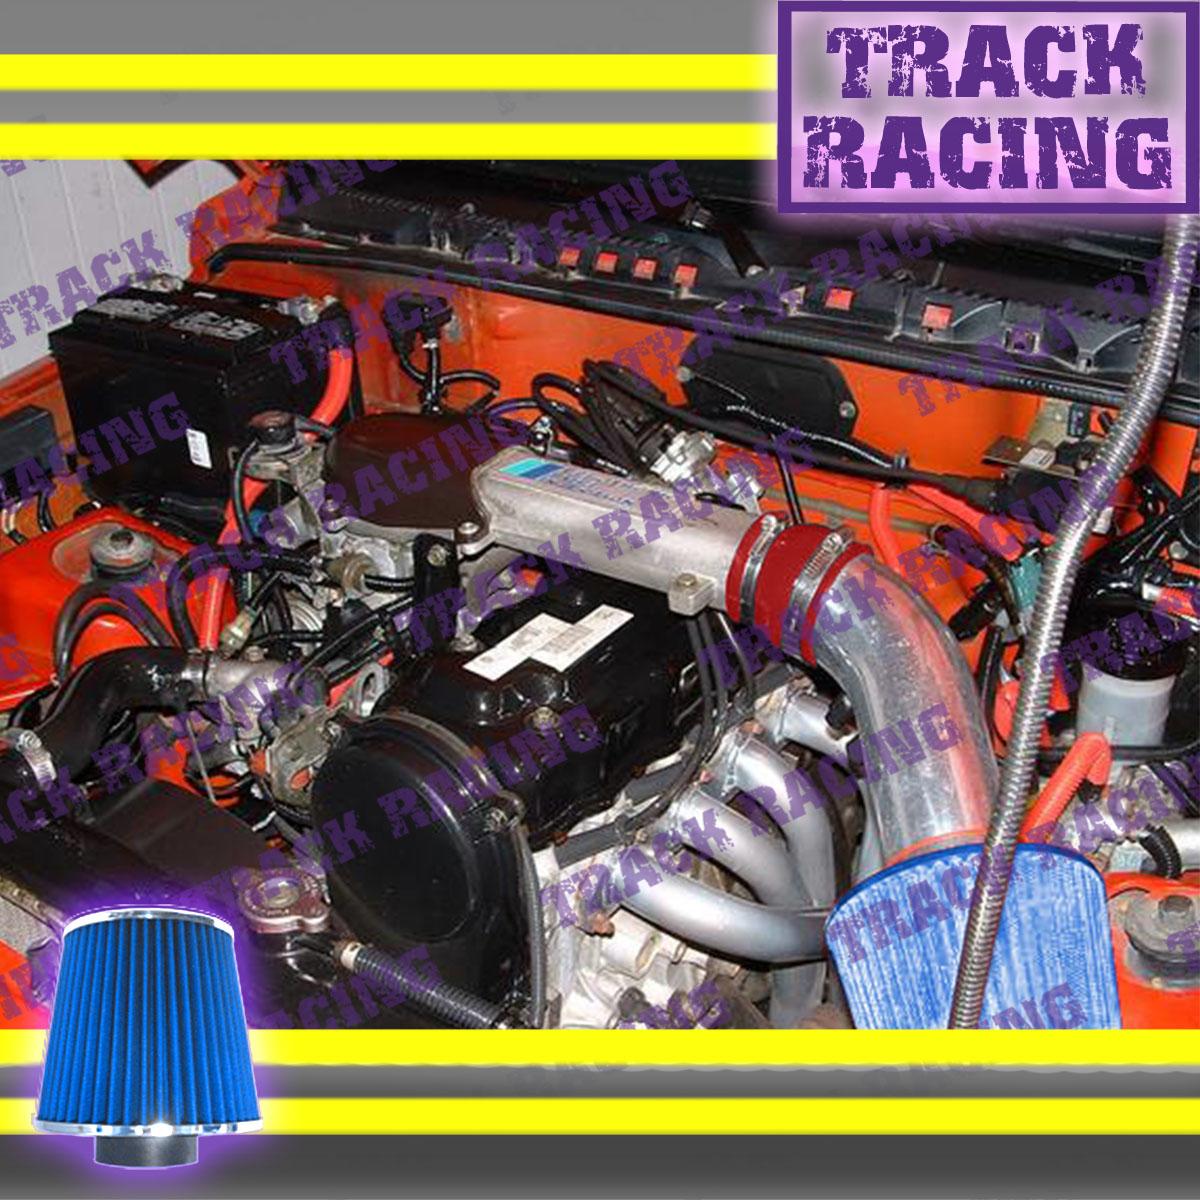 94 geo tracker fuel filter 1992 geo tracker fuel pump fuse diagram 89 90 91 92 93 94 geo tracker suzuki sidekick 1.6l i4 air ...